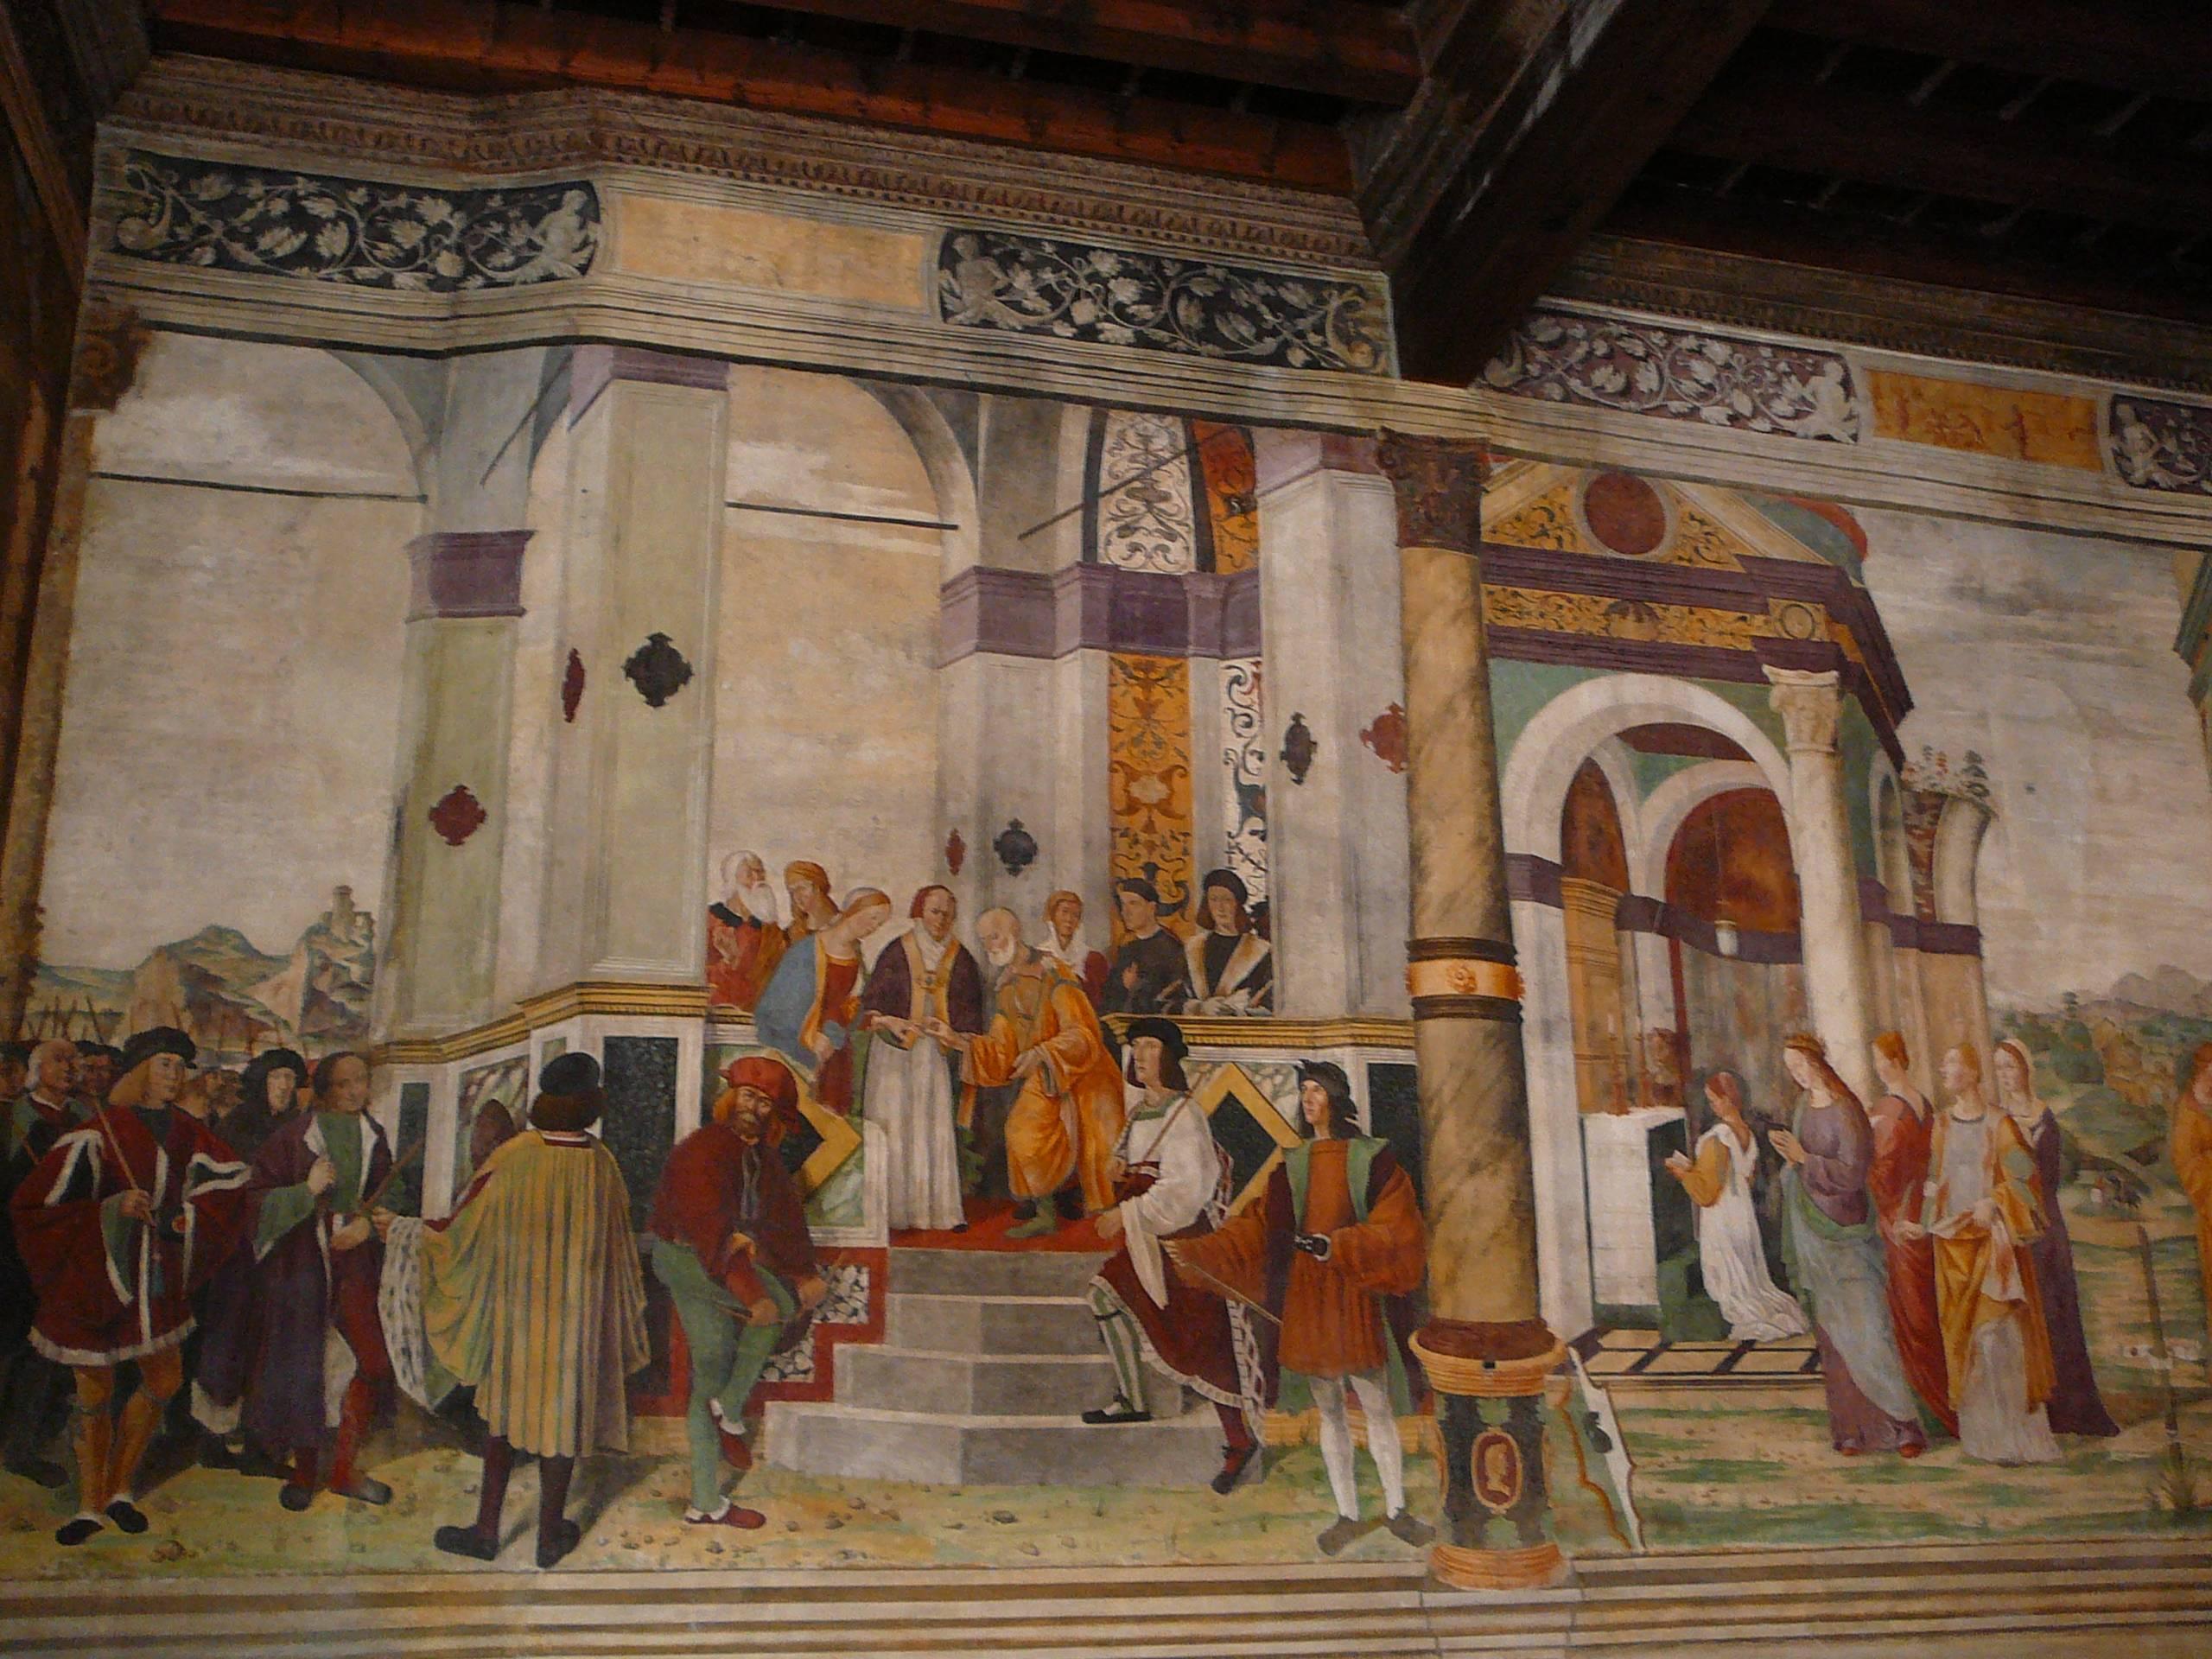 Padova alla scoperta della scoletta del carmine eventi - Giulio iacchetti interno italiano ...